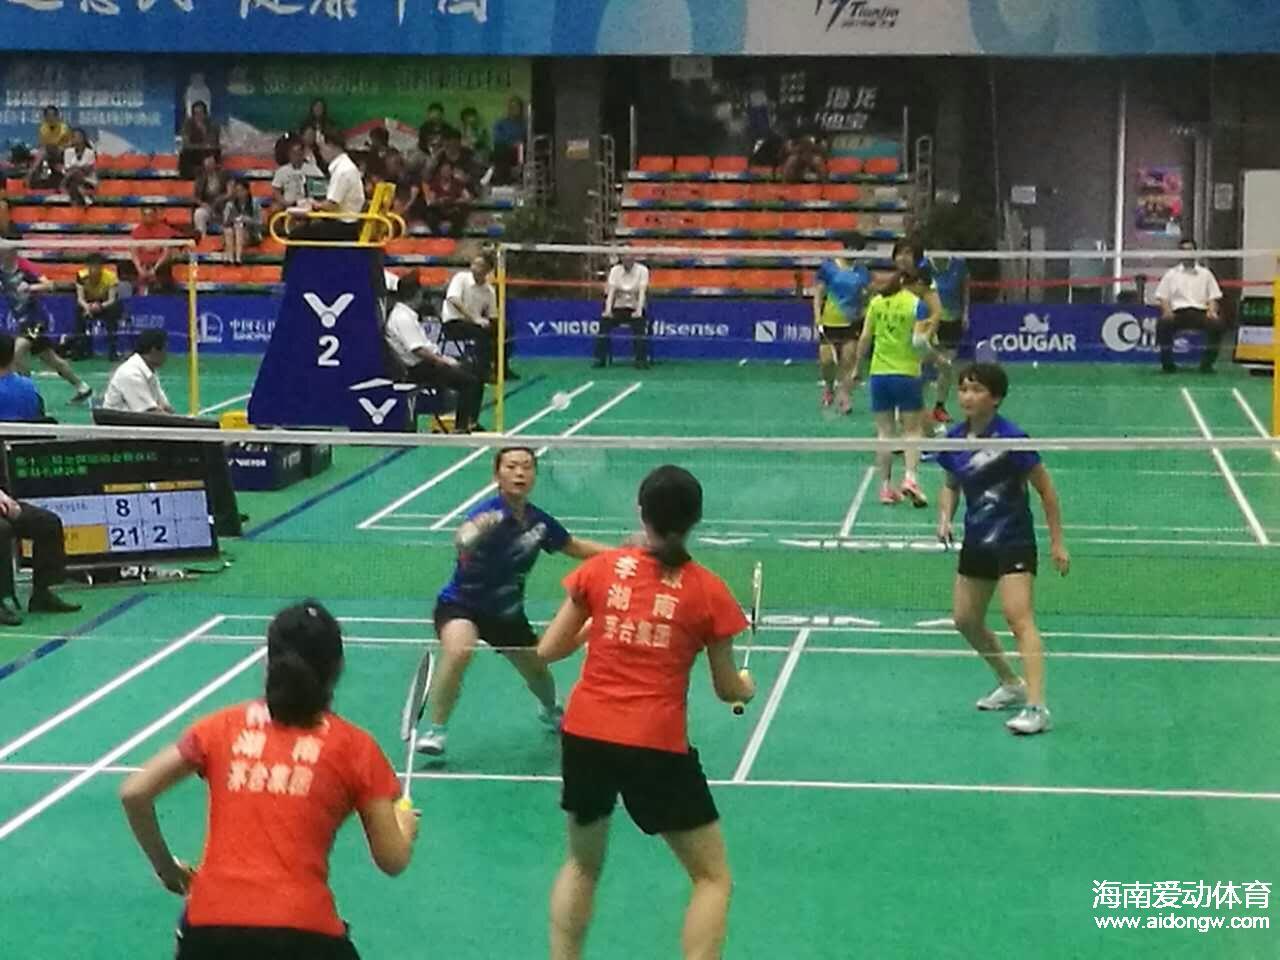 为铜牌而战!群众羽毛球赛小组赛收官 海南两对双打遇强手